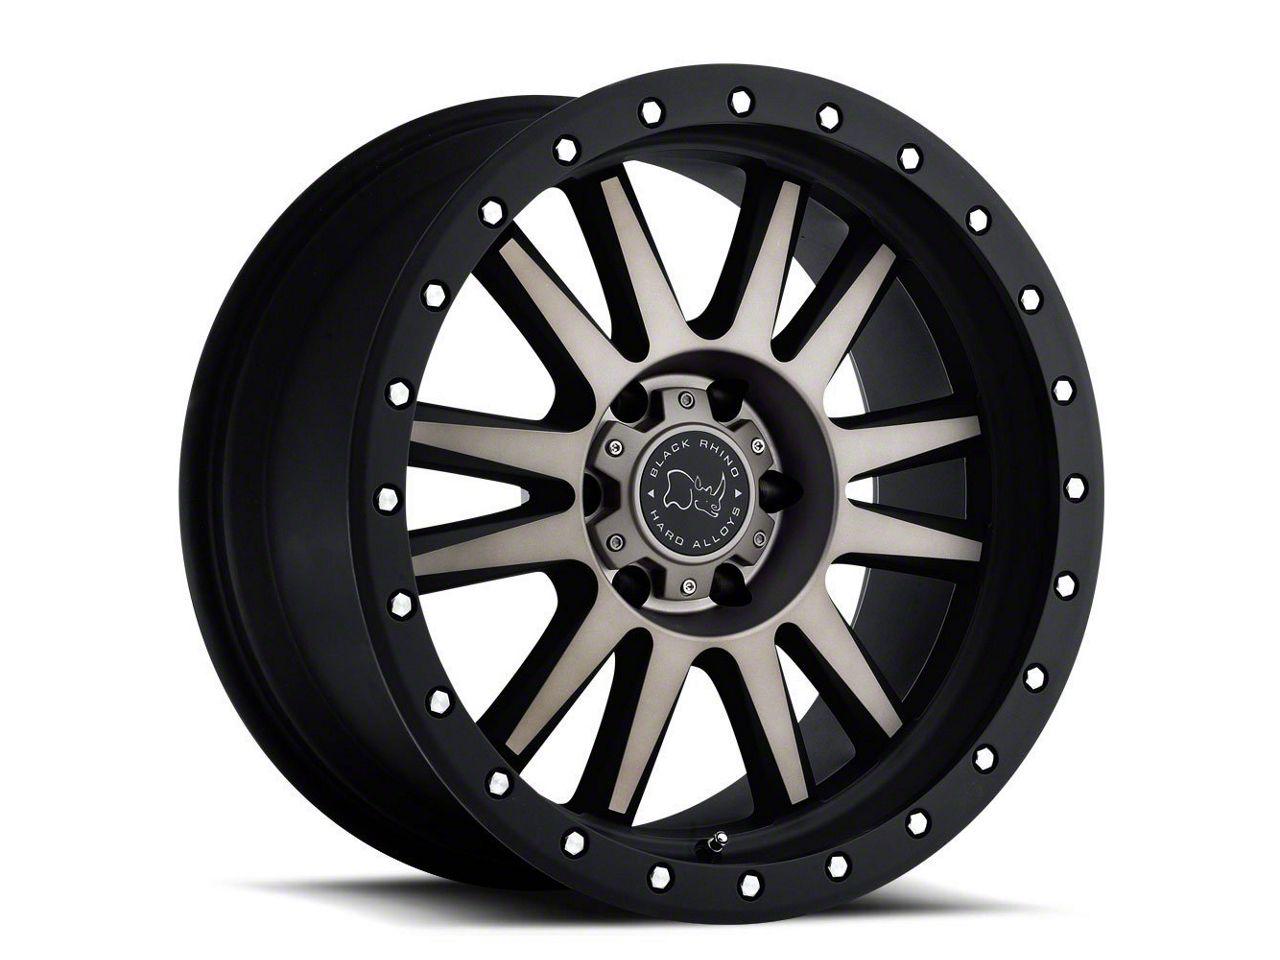 Black Rhino Tanay Matte Black Machined 6-Lug Wheel - 17x9 (07-18 Silverado 1500)